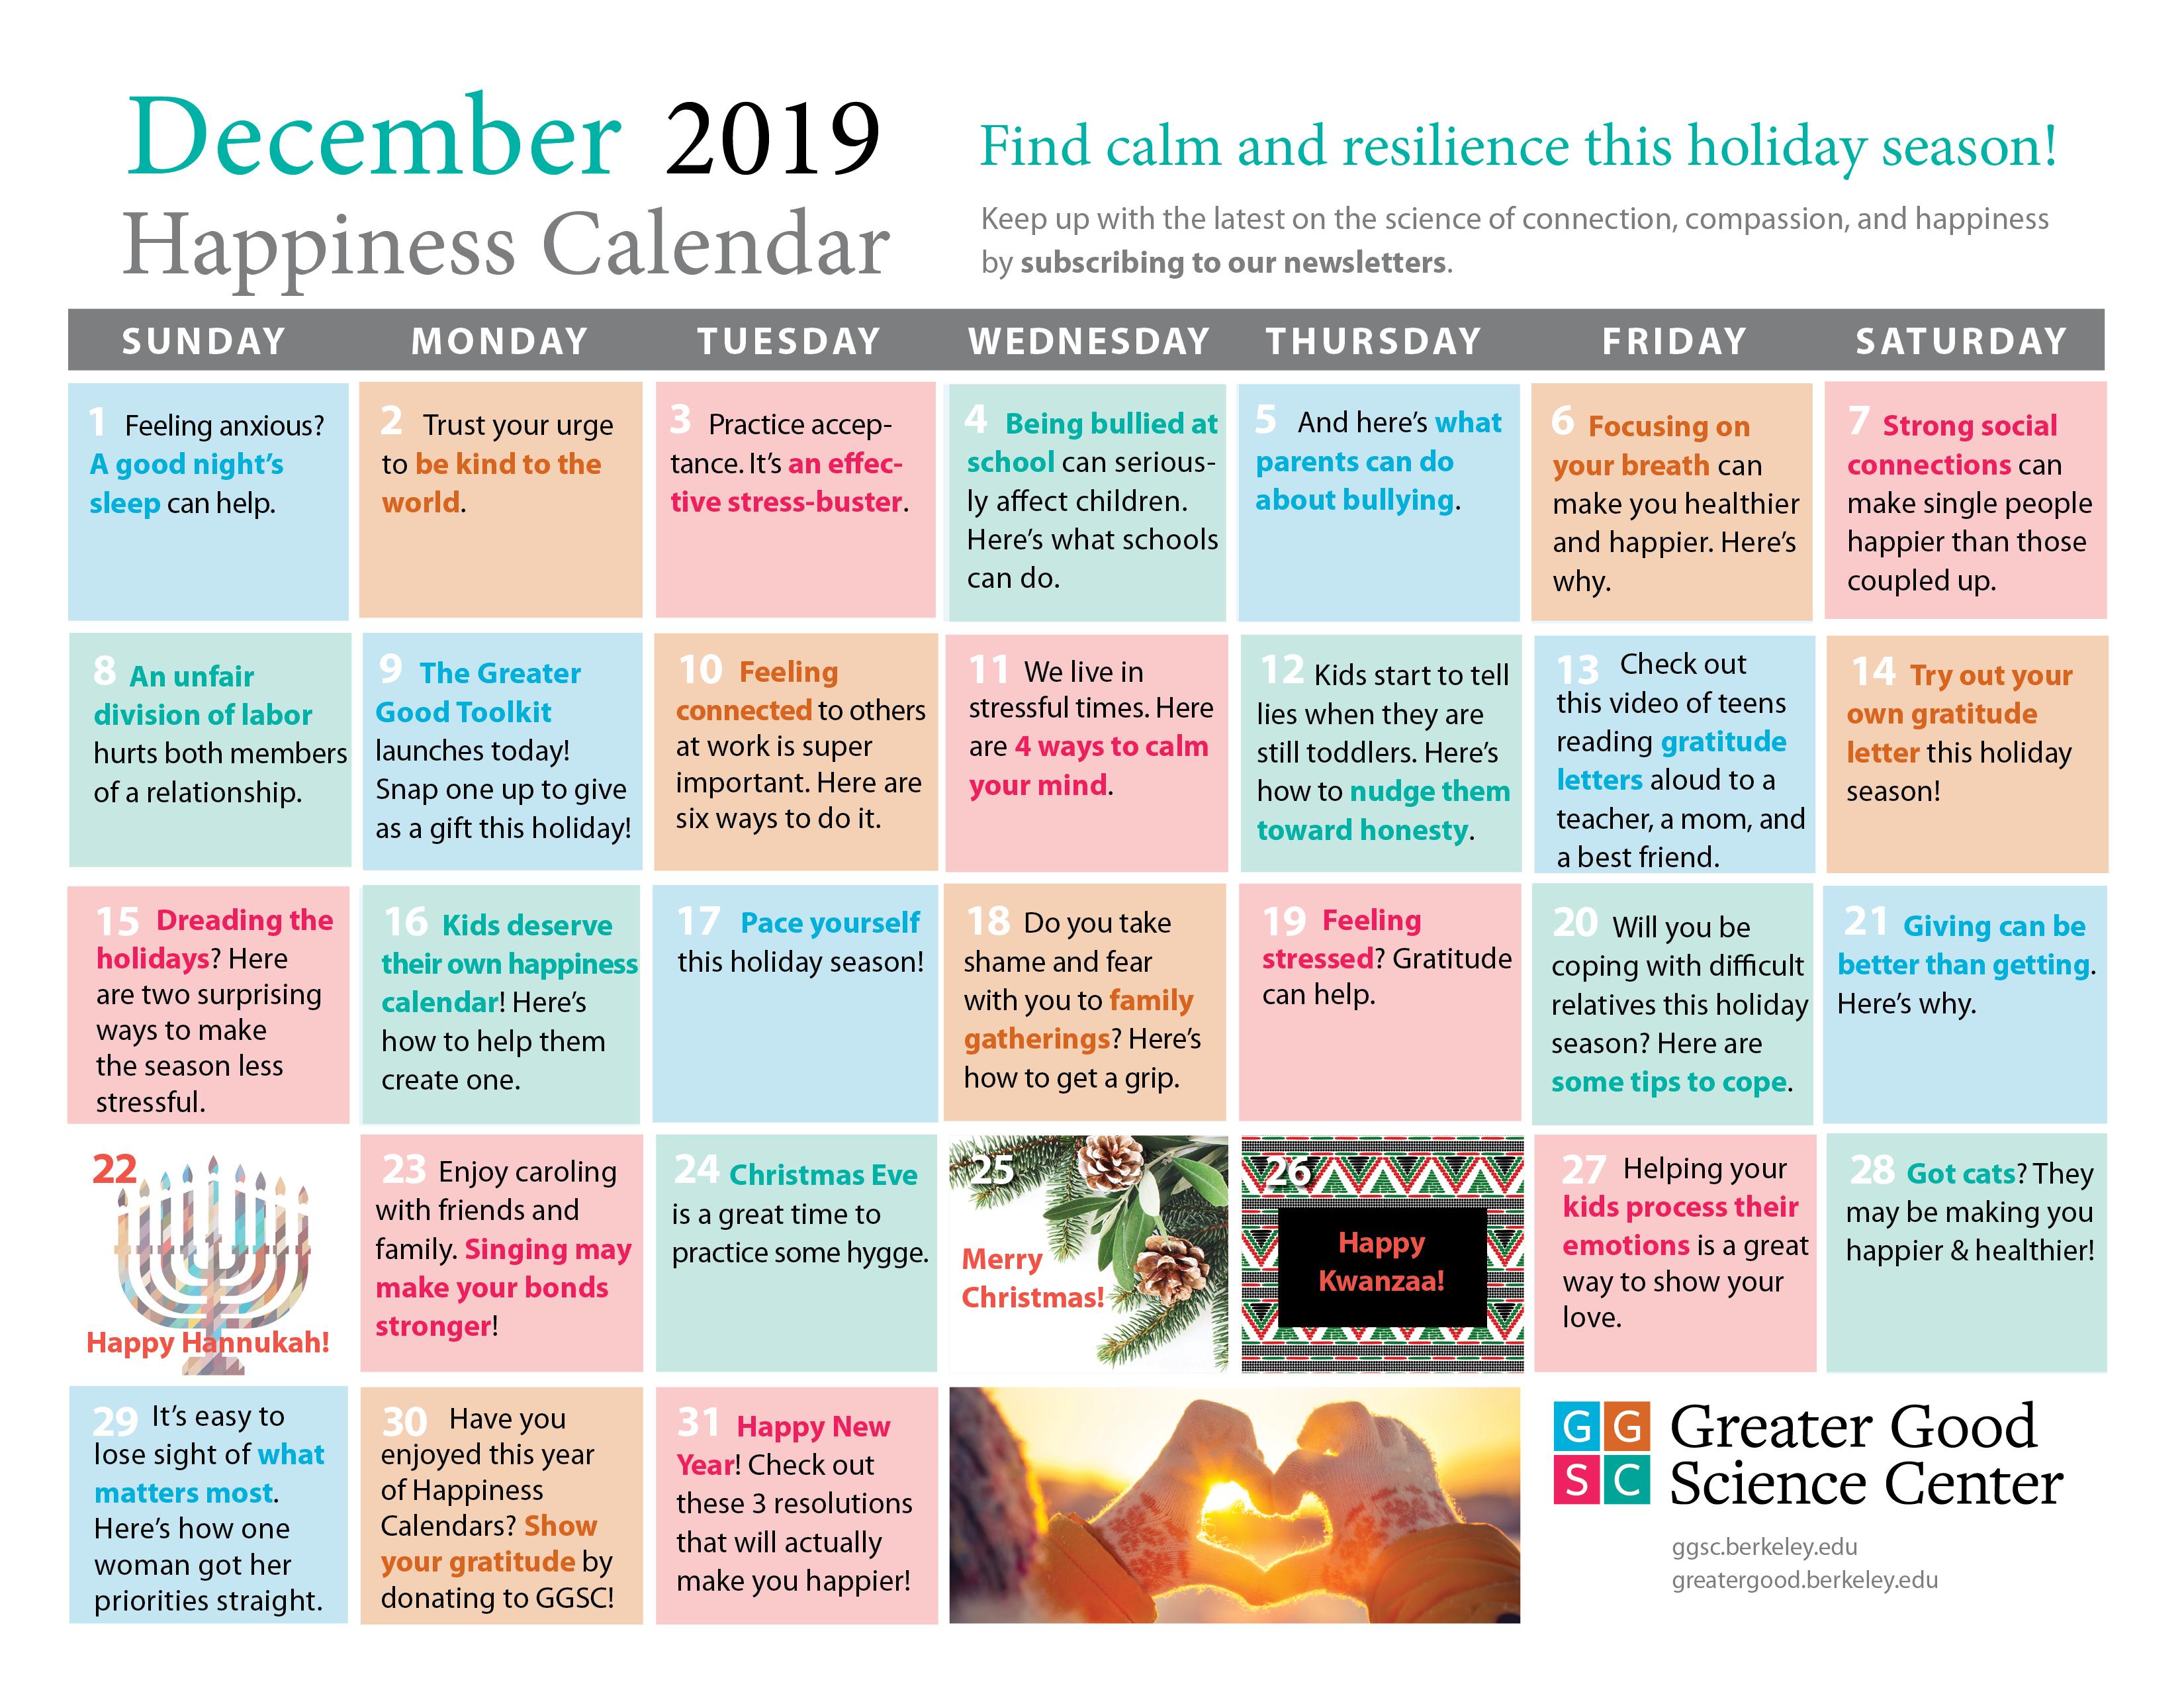 December 2019 Happiness Calendar